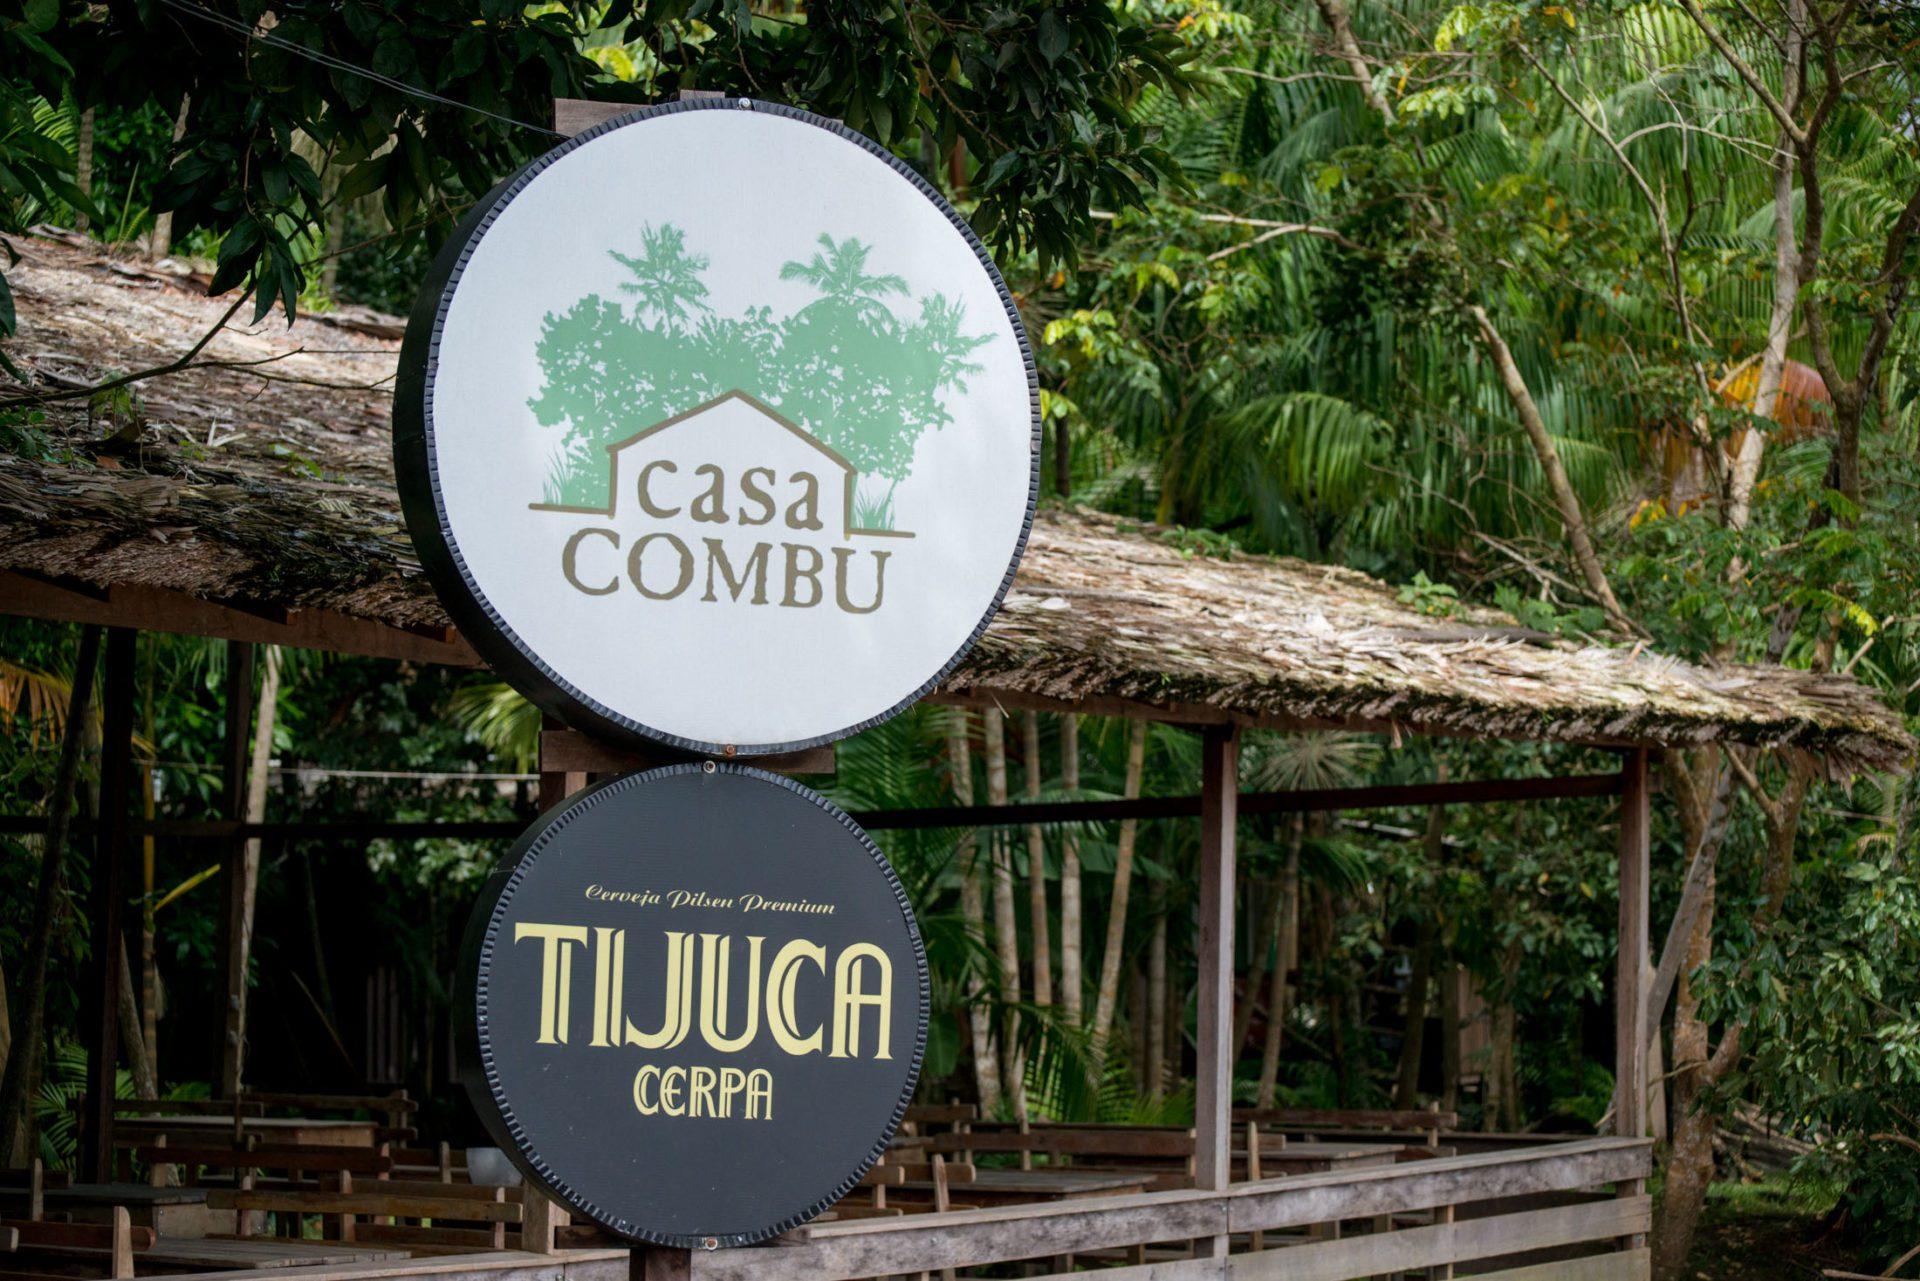 Casa Combu